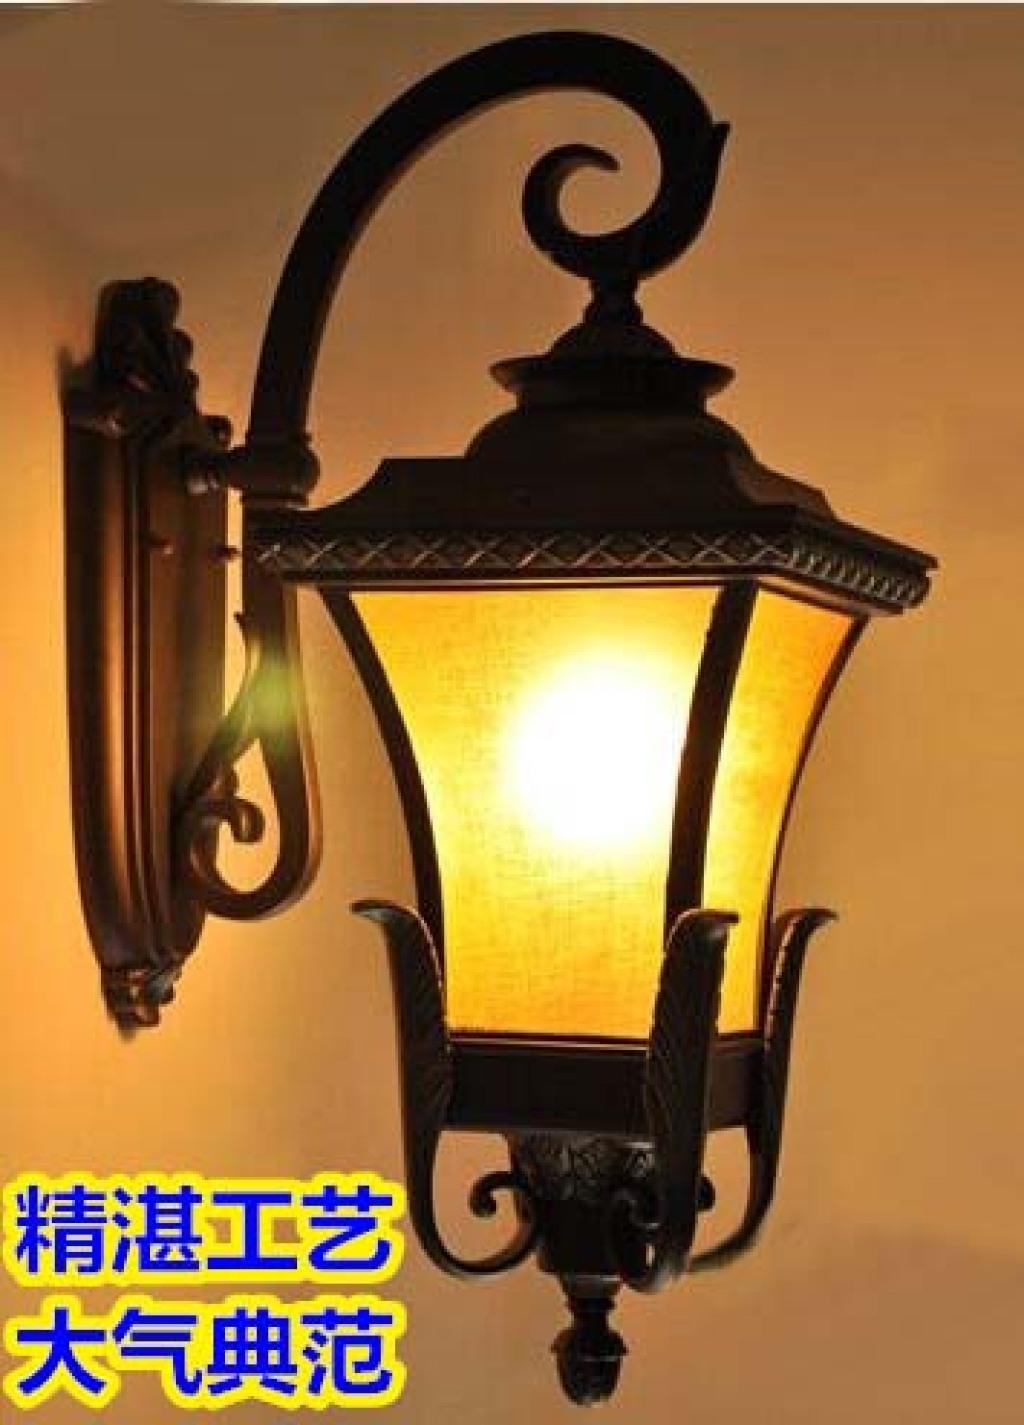 欧式户外凤凰壁灯别墅庭院楼梯阳台露台酒店防雨壁灯欧美奢华壁灯